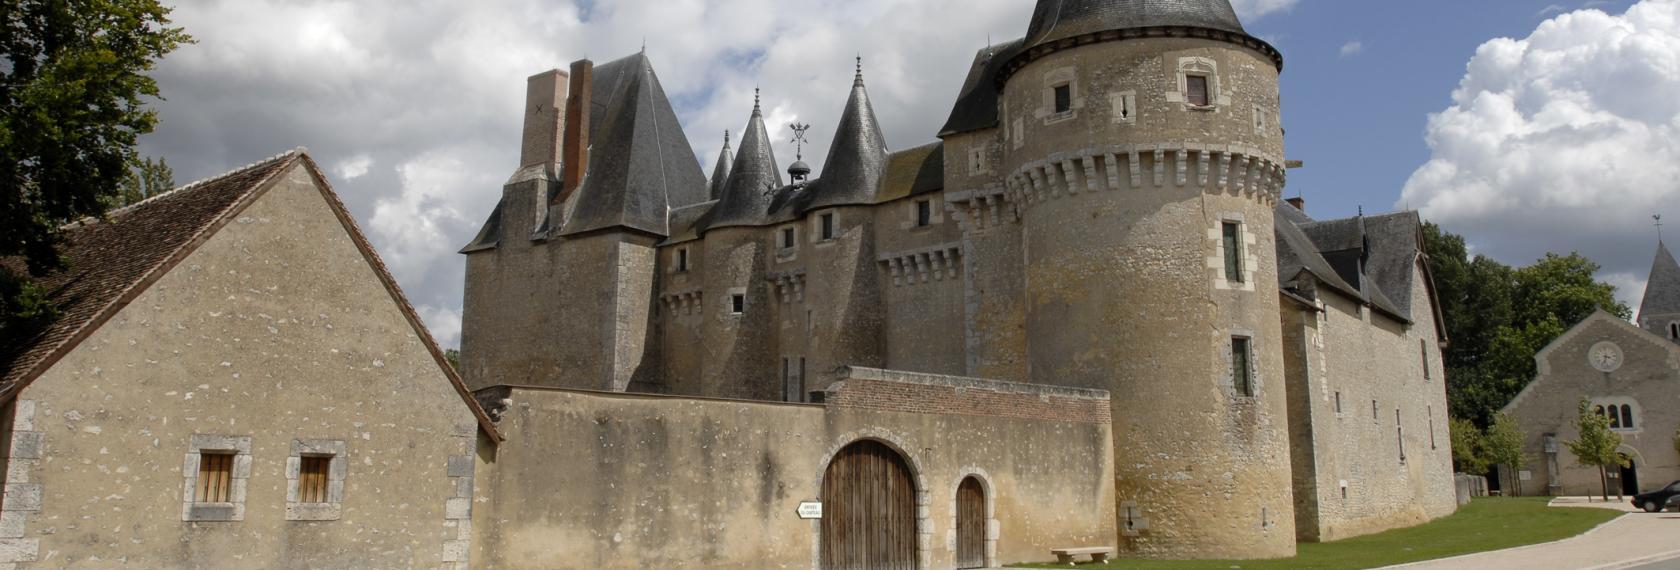 -41-chateau-fougeres-sur-bievre-c-cdt41-rsinradsvong-cmn-1488799097.jpg